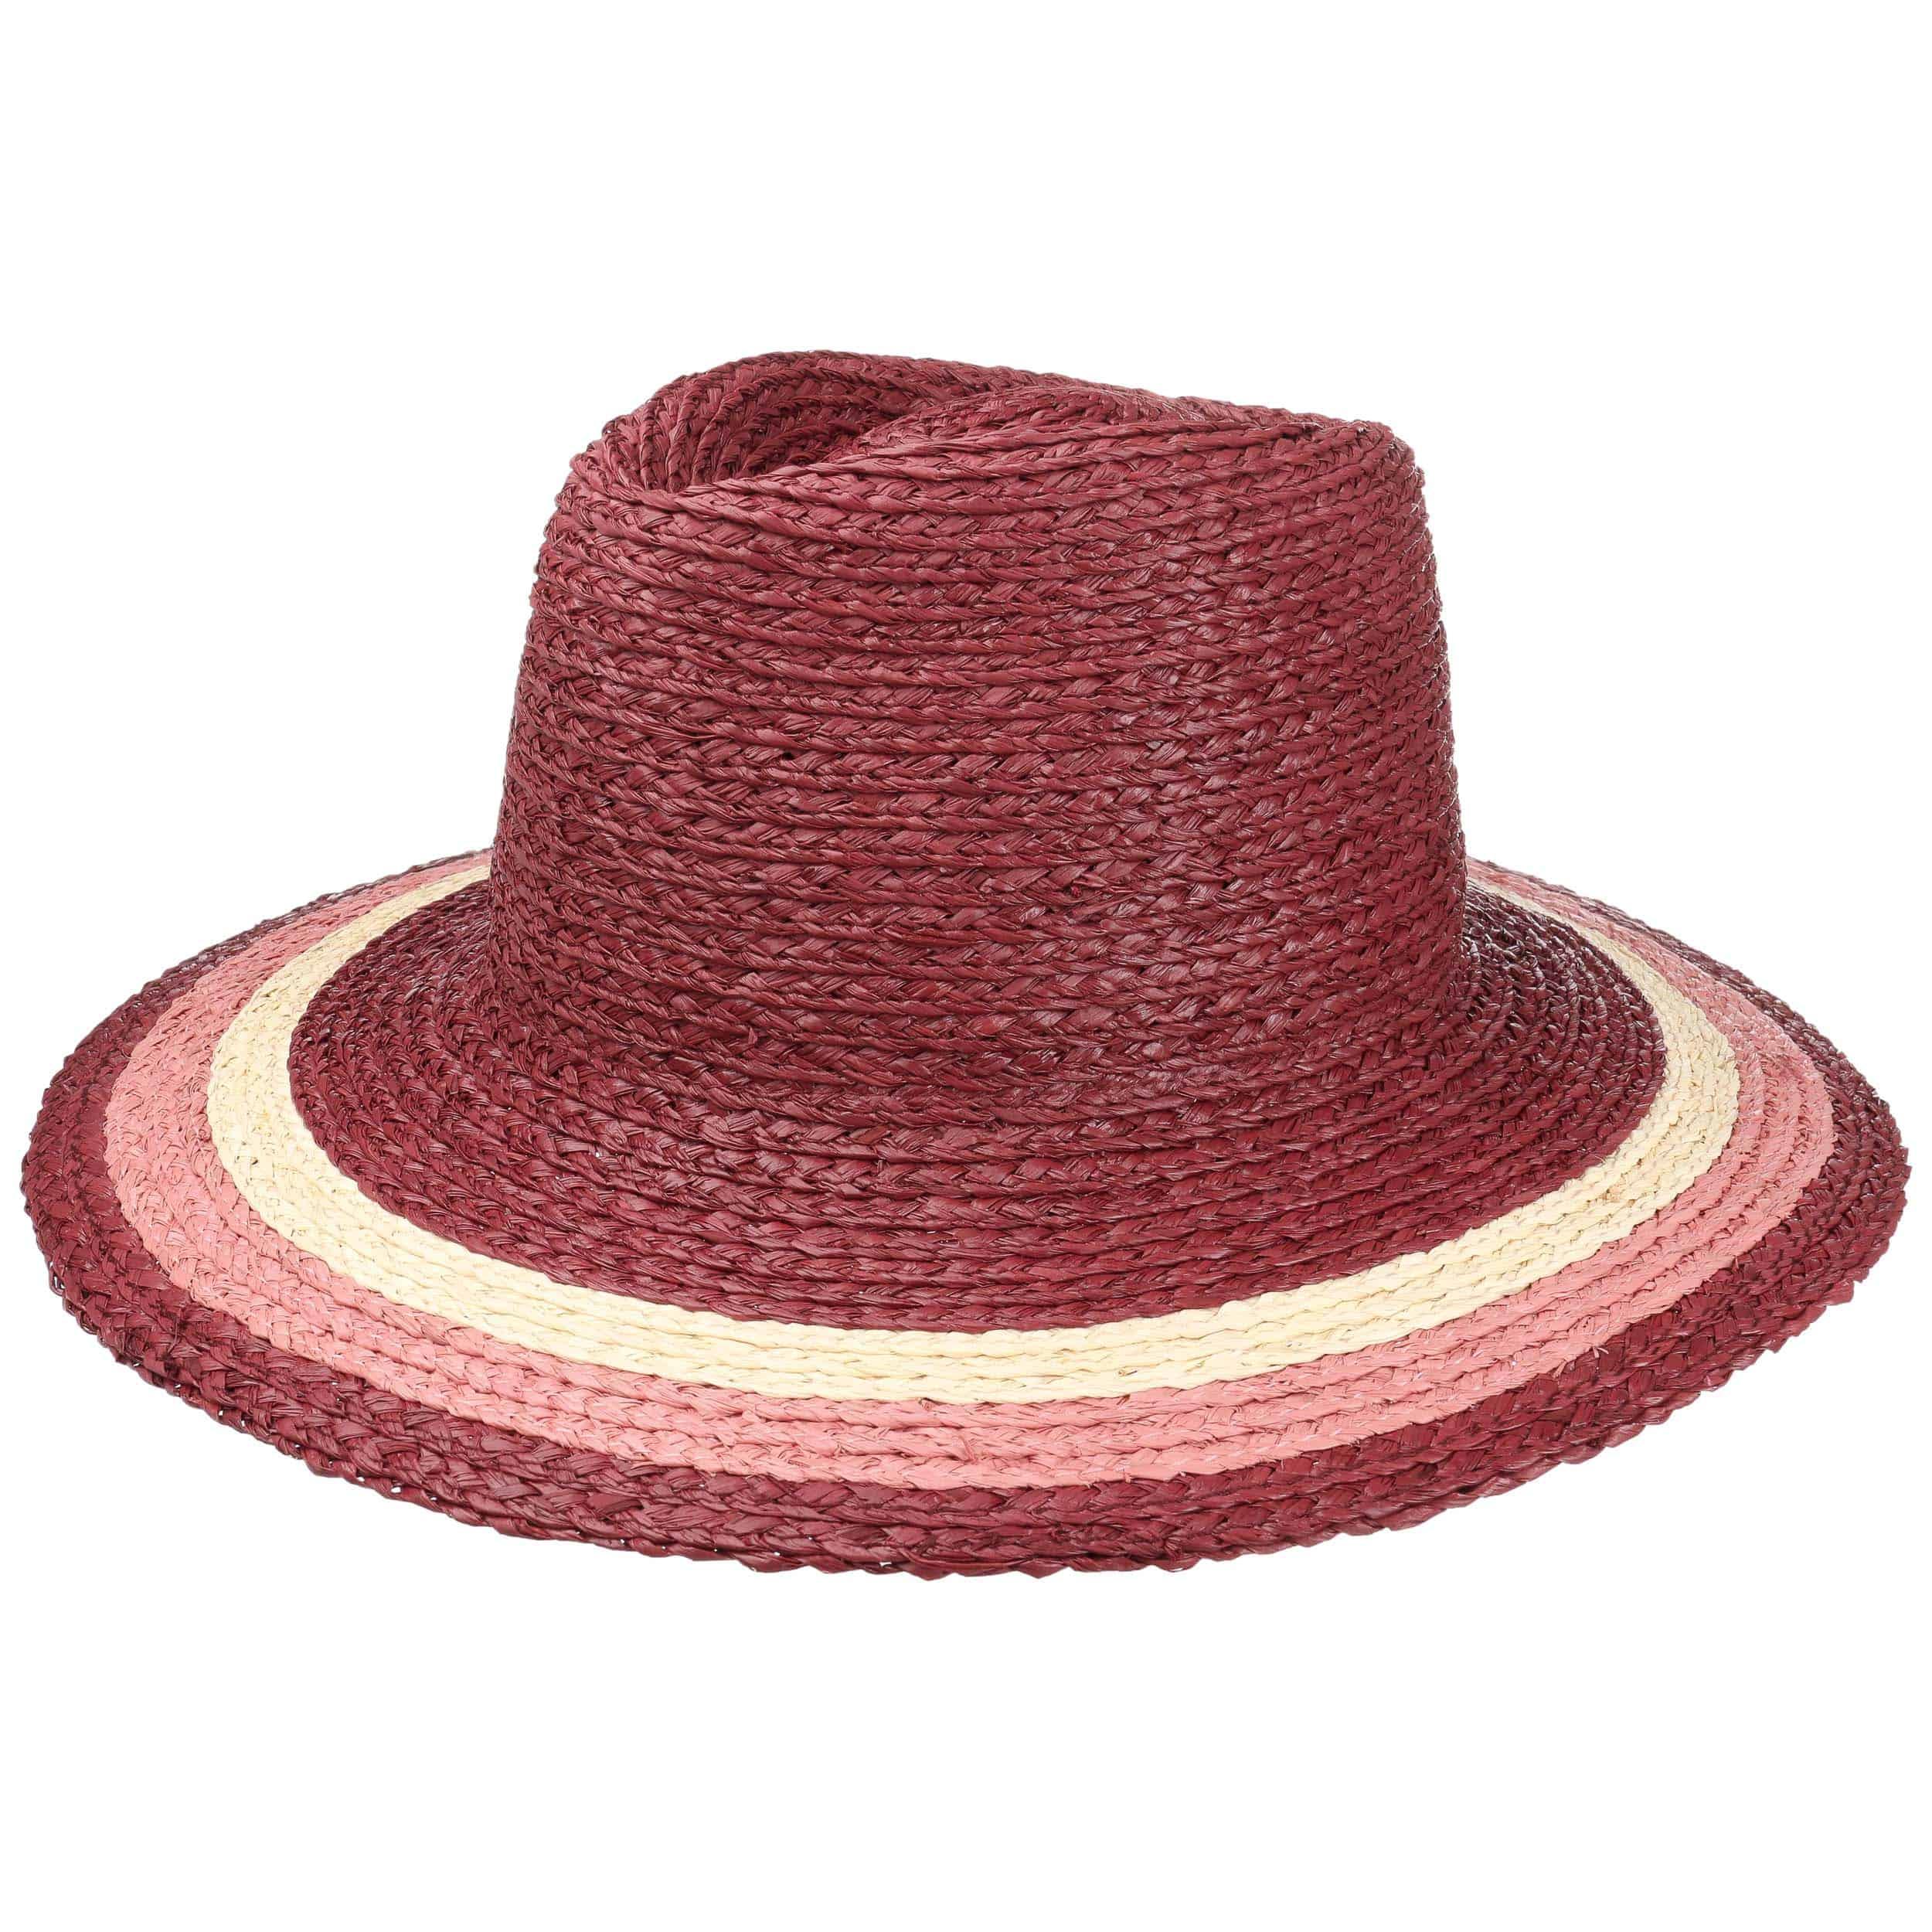 Sombrero de ala Ancha Hampton by Brixton - Sombreros - sombreroshop.es f0b1494dc88